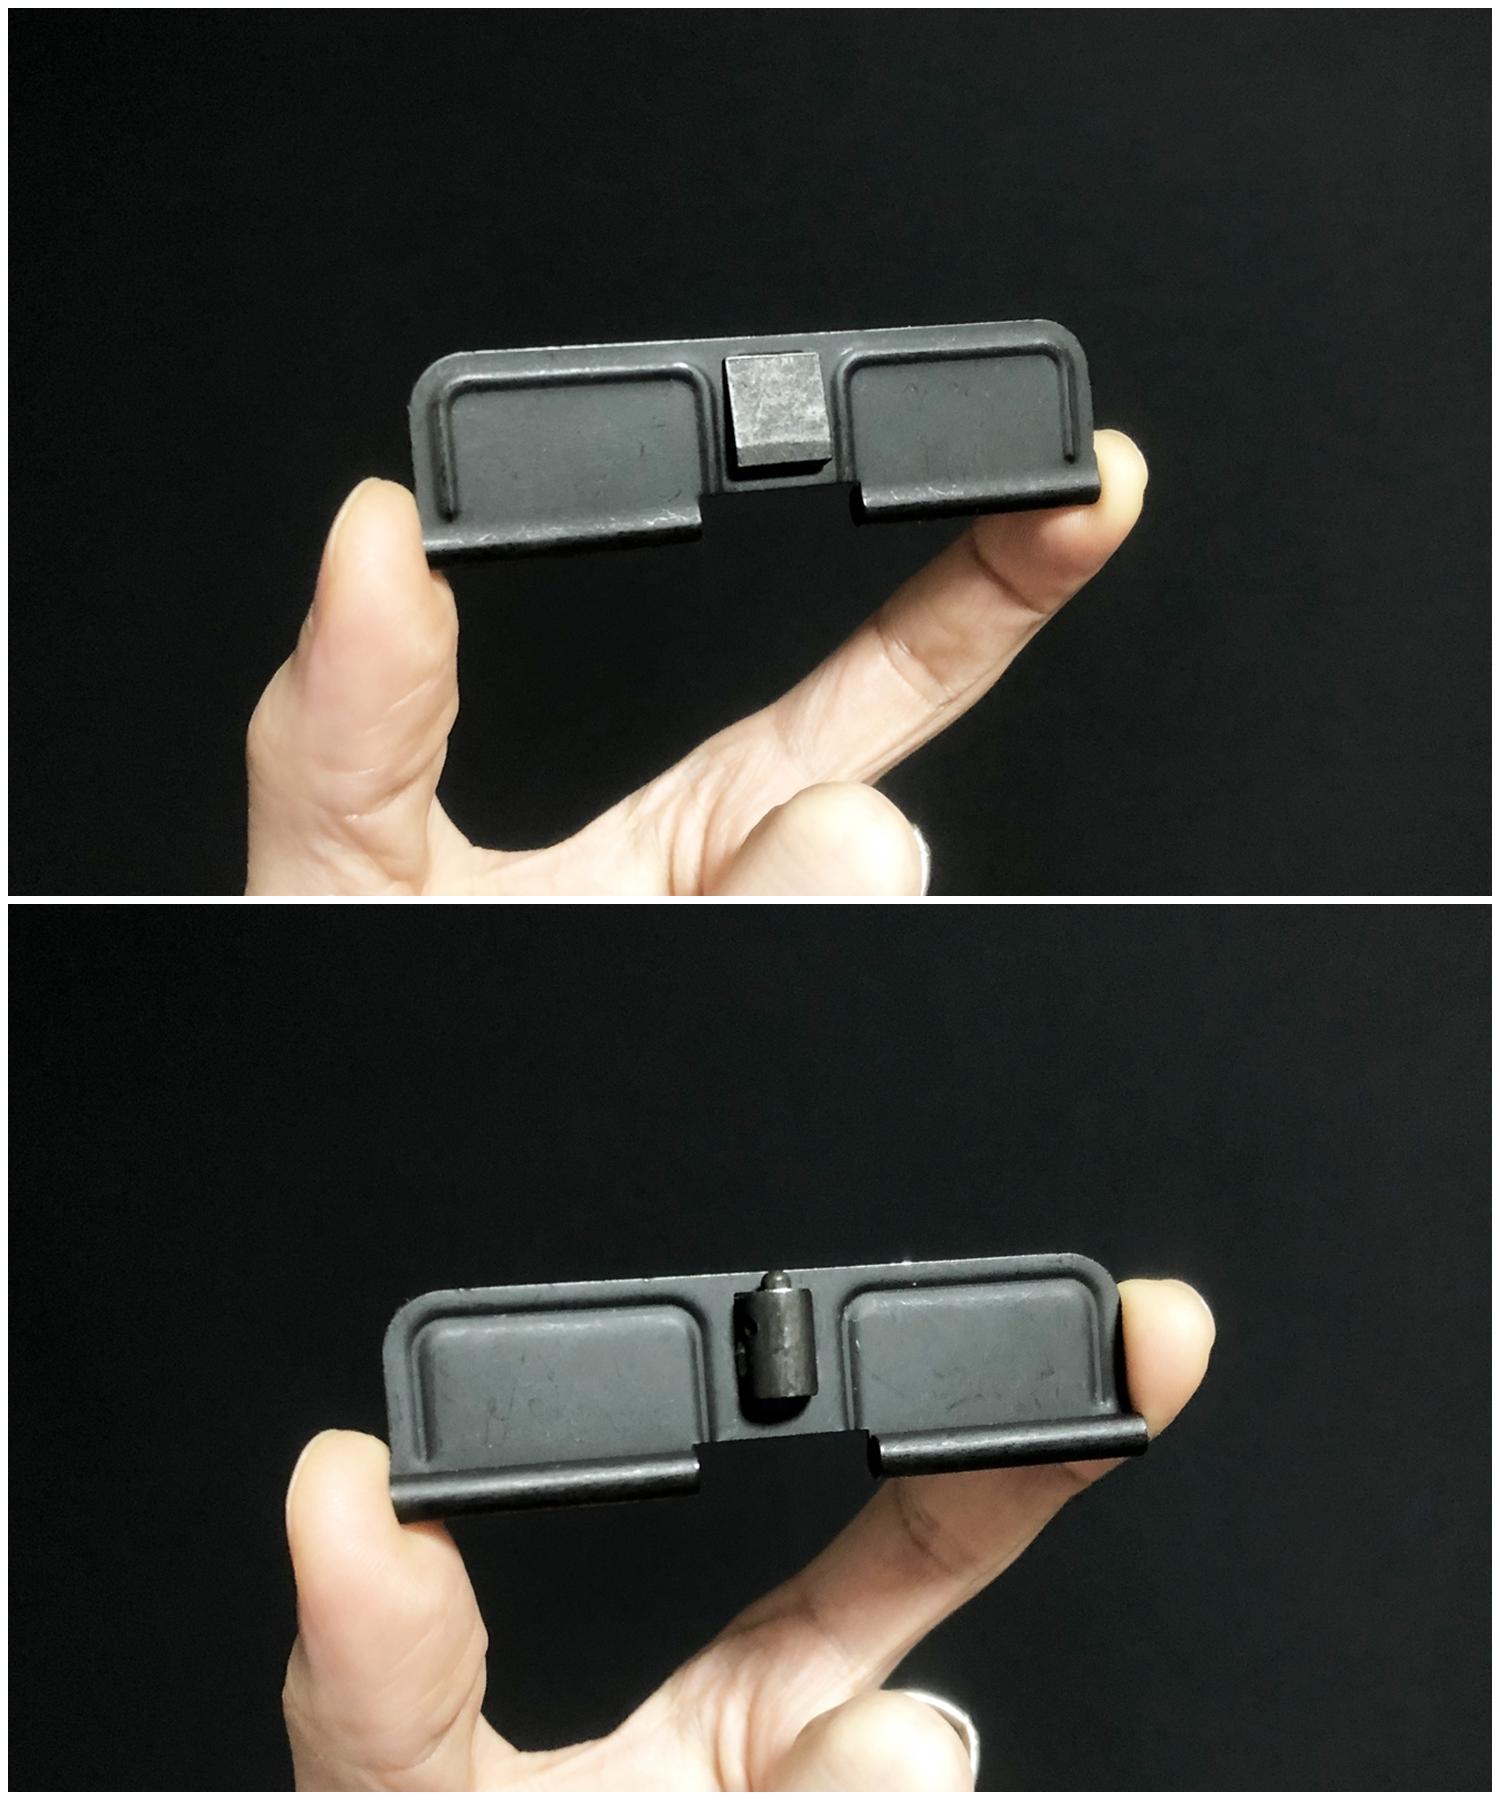 7『実物』 vs 『レプリカ』 ダストカバー & ガスチューブ を考える!! 次世代 M4 CQB-R アッパーフレーム ポートカバー カスタム 検証 取付 レビュー!!